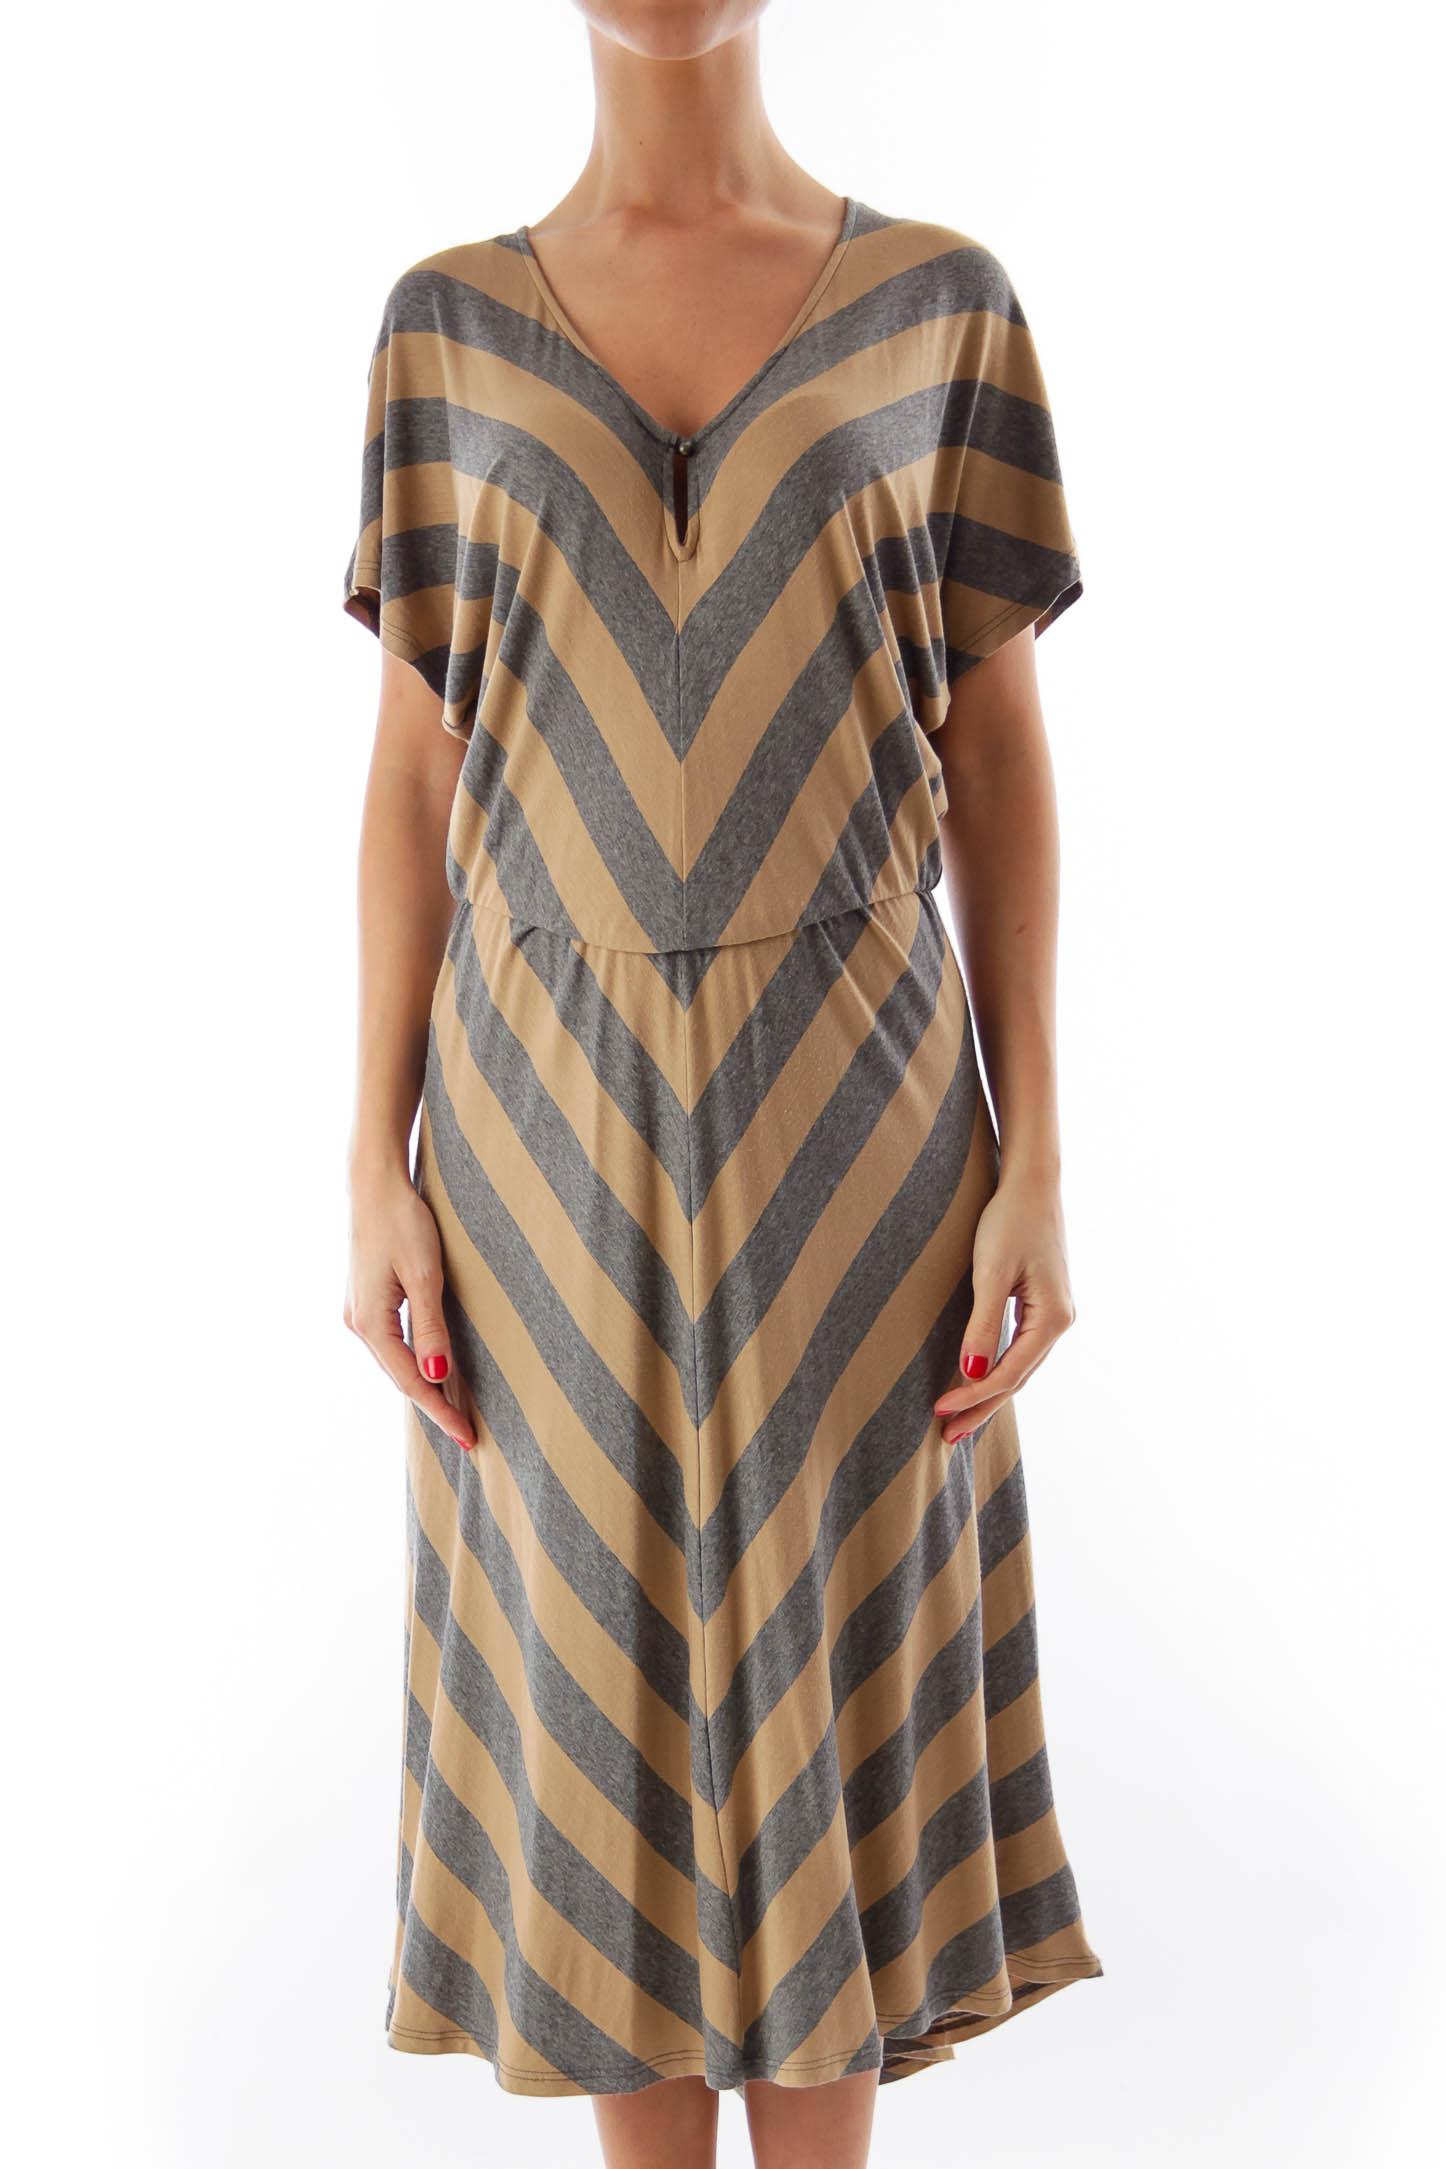 Beige & Gray Stripe Dress